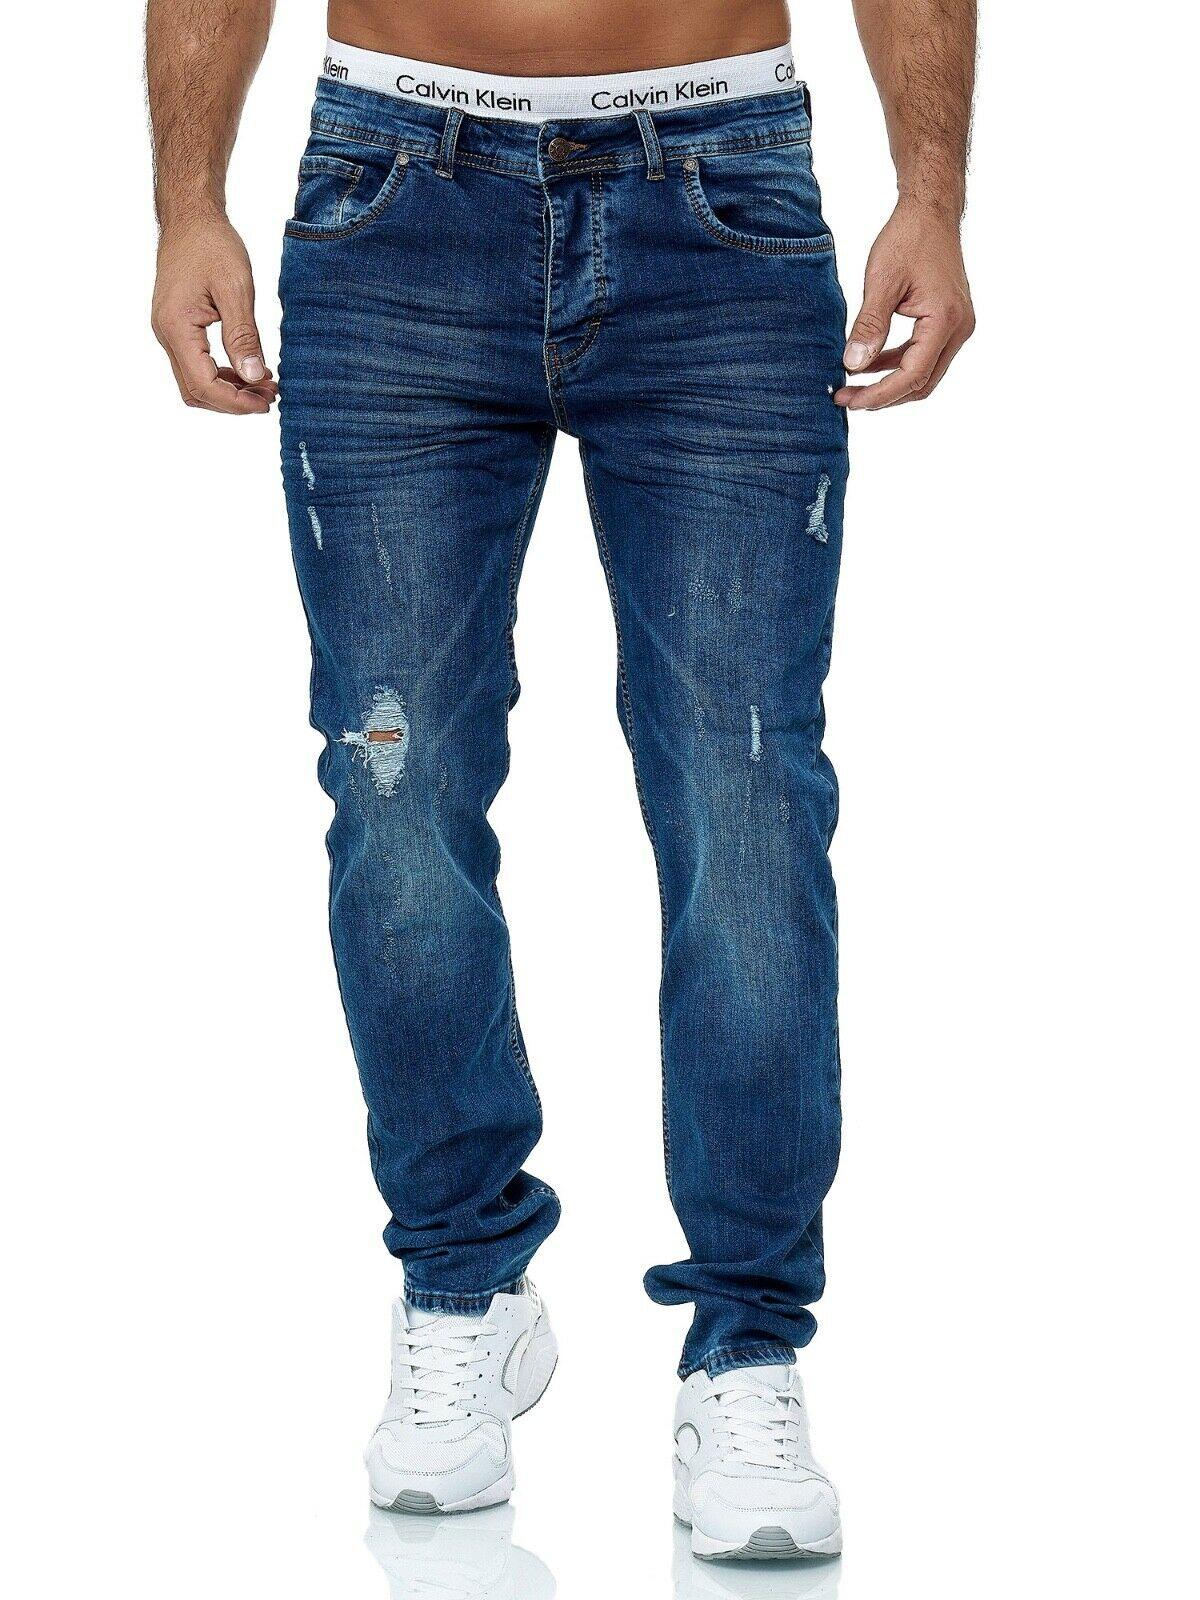 Herren-Jeanshosen-Stretch-Hose-Slim-fit-SKINNY-Jeans-Blau-Schwarz-Grau-Weiss Indexbild 74